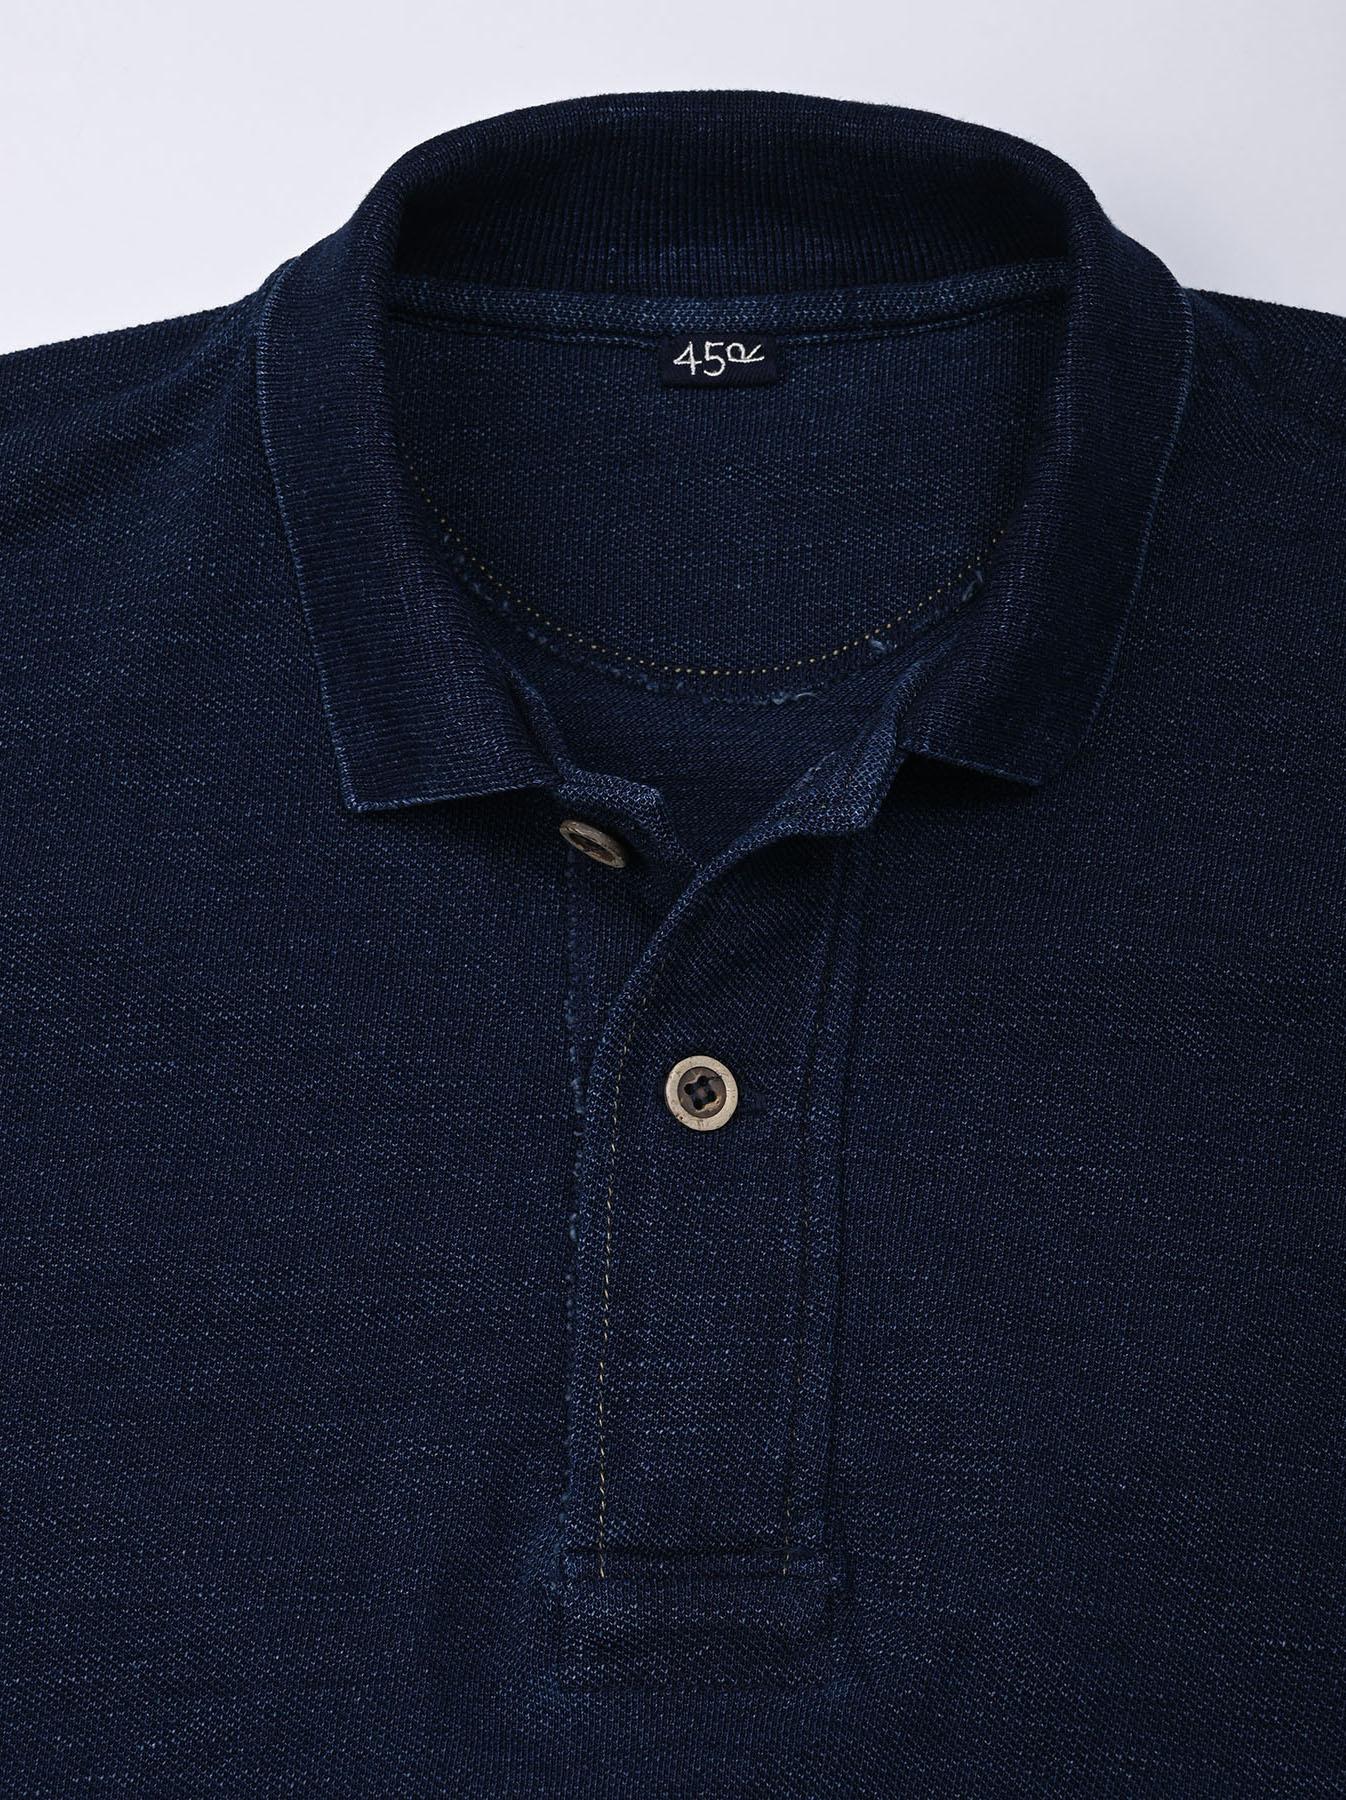 Indigo Kanoko Ocean Shiokaze Short-sleeved Polo Dress (0521)-6